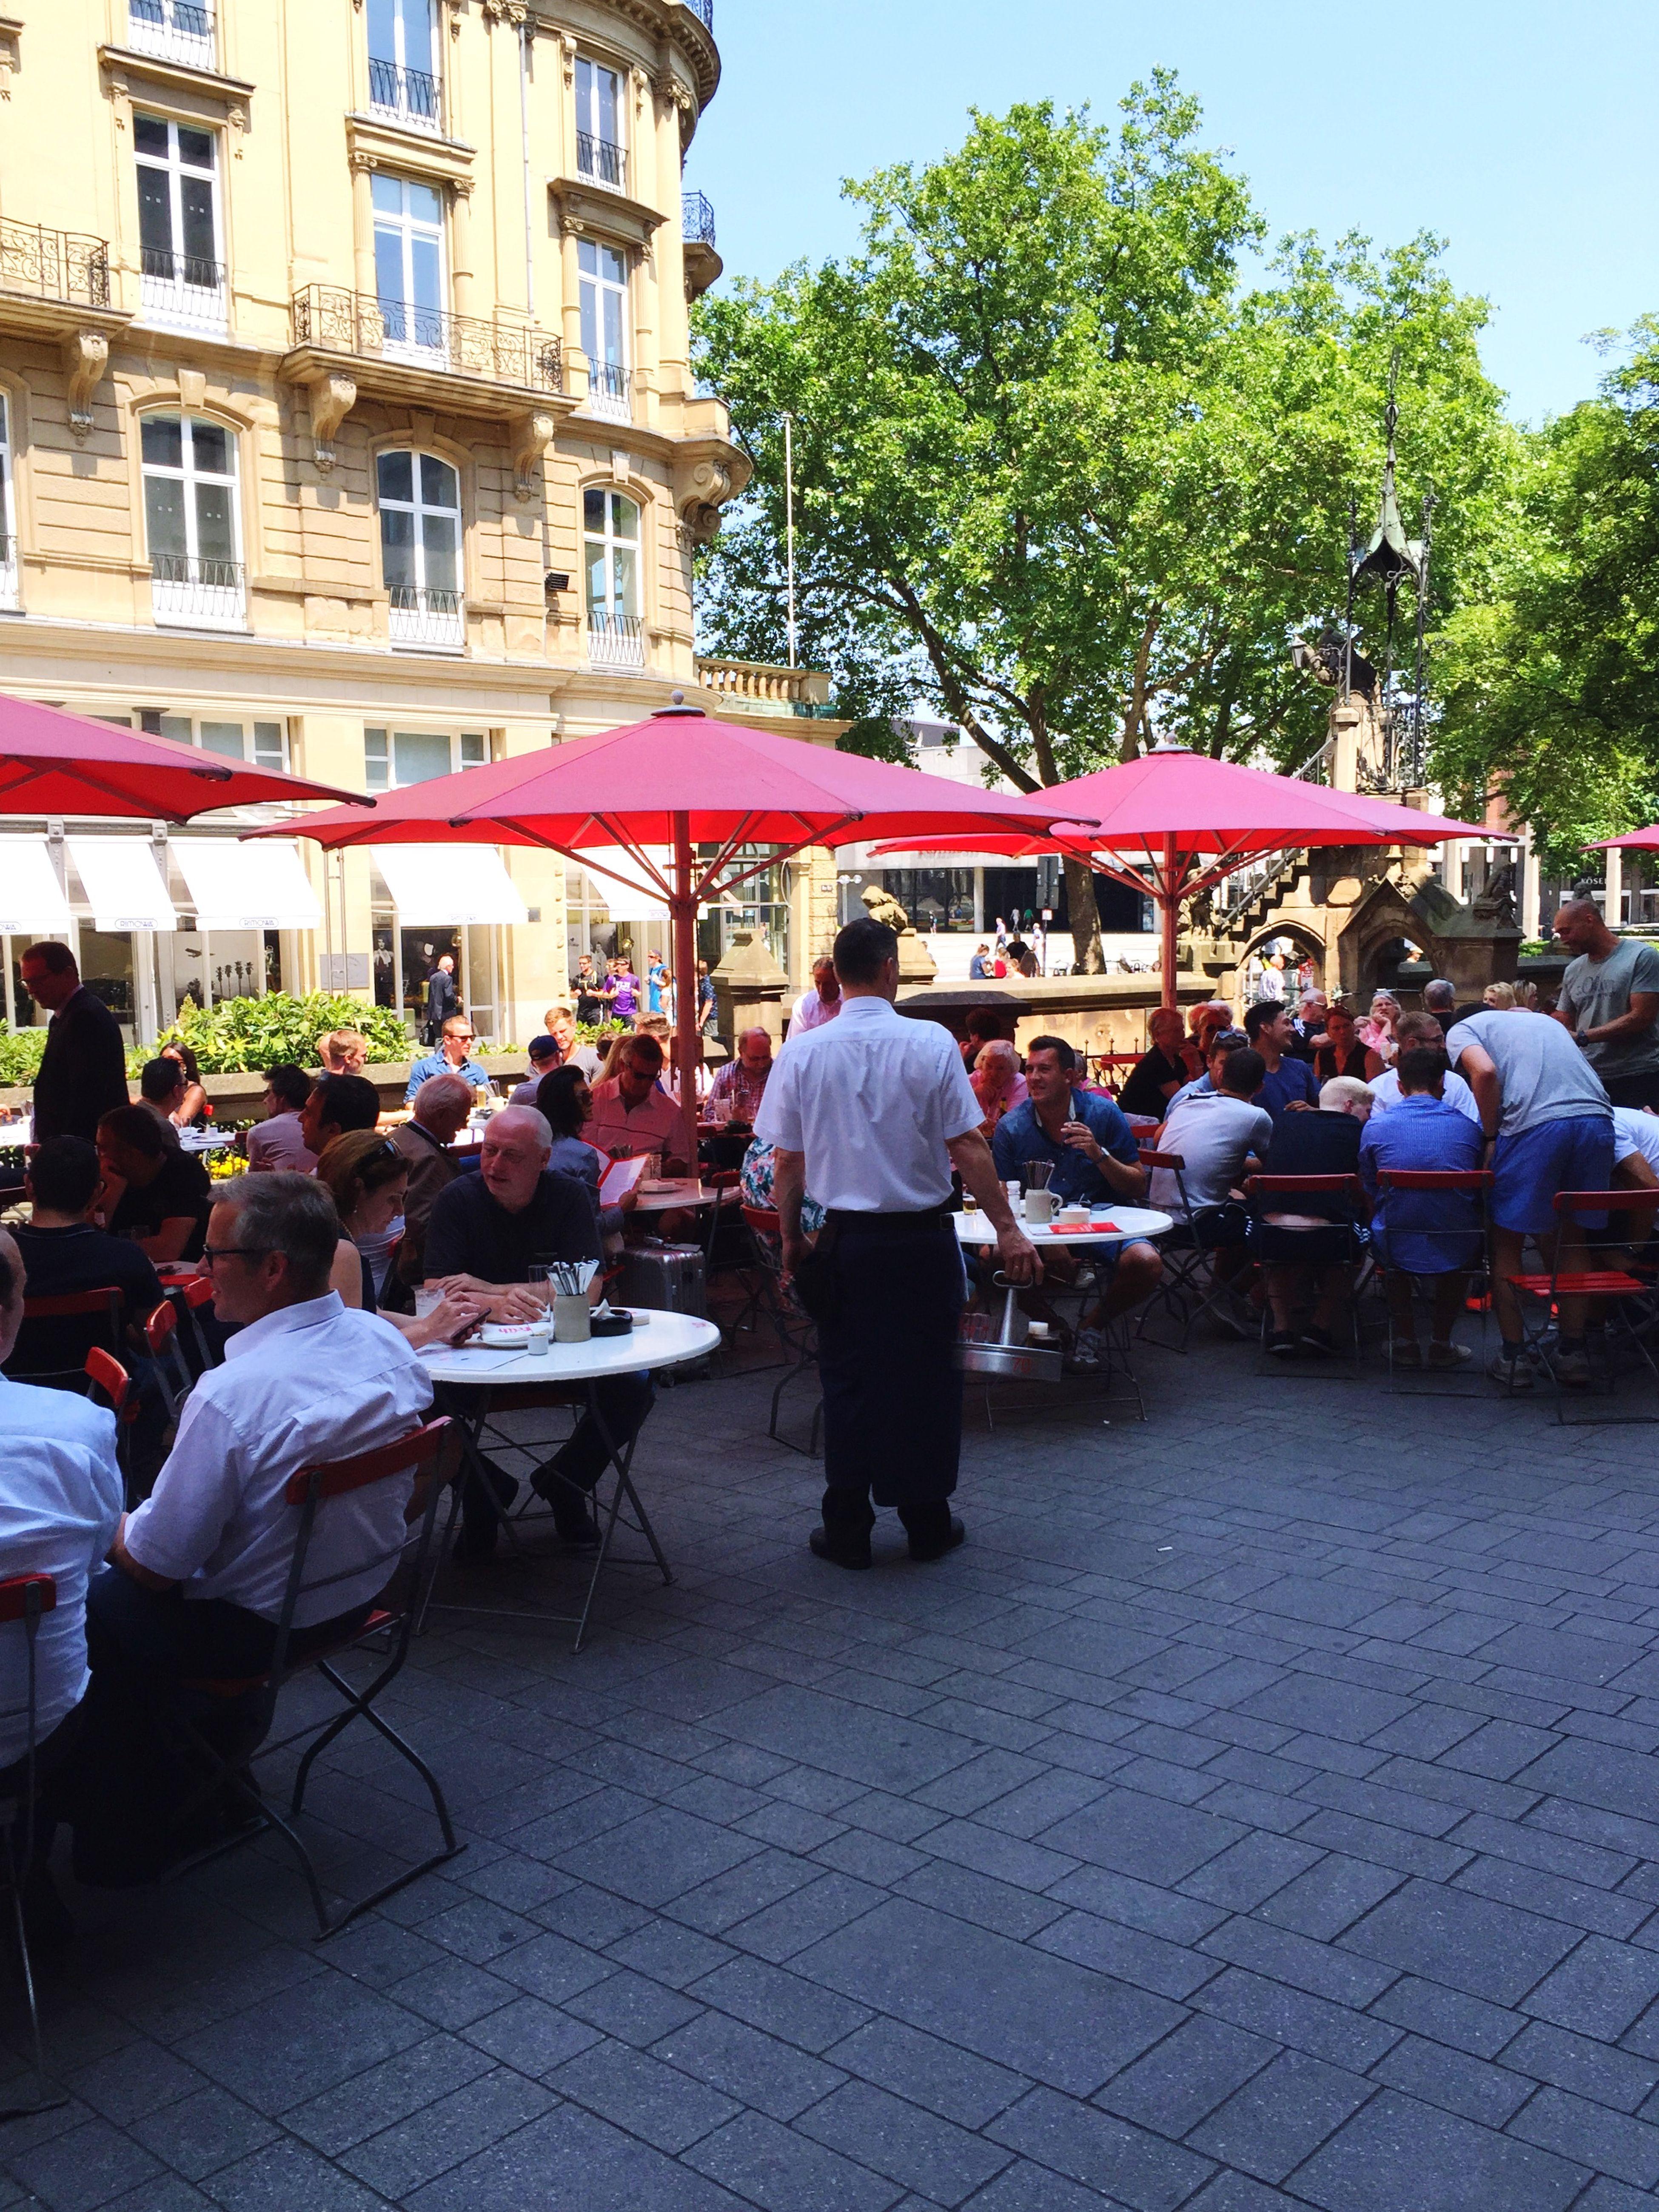 Cologne Köln Köllner Dom Früh Kölsch Früh Brauhaus Beer Bier